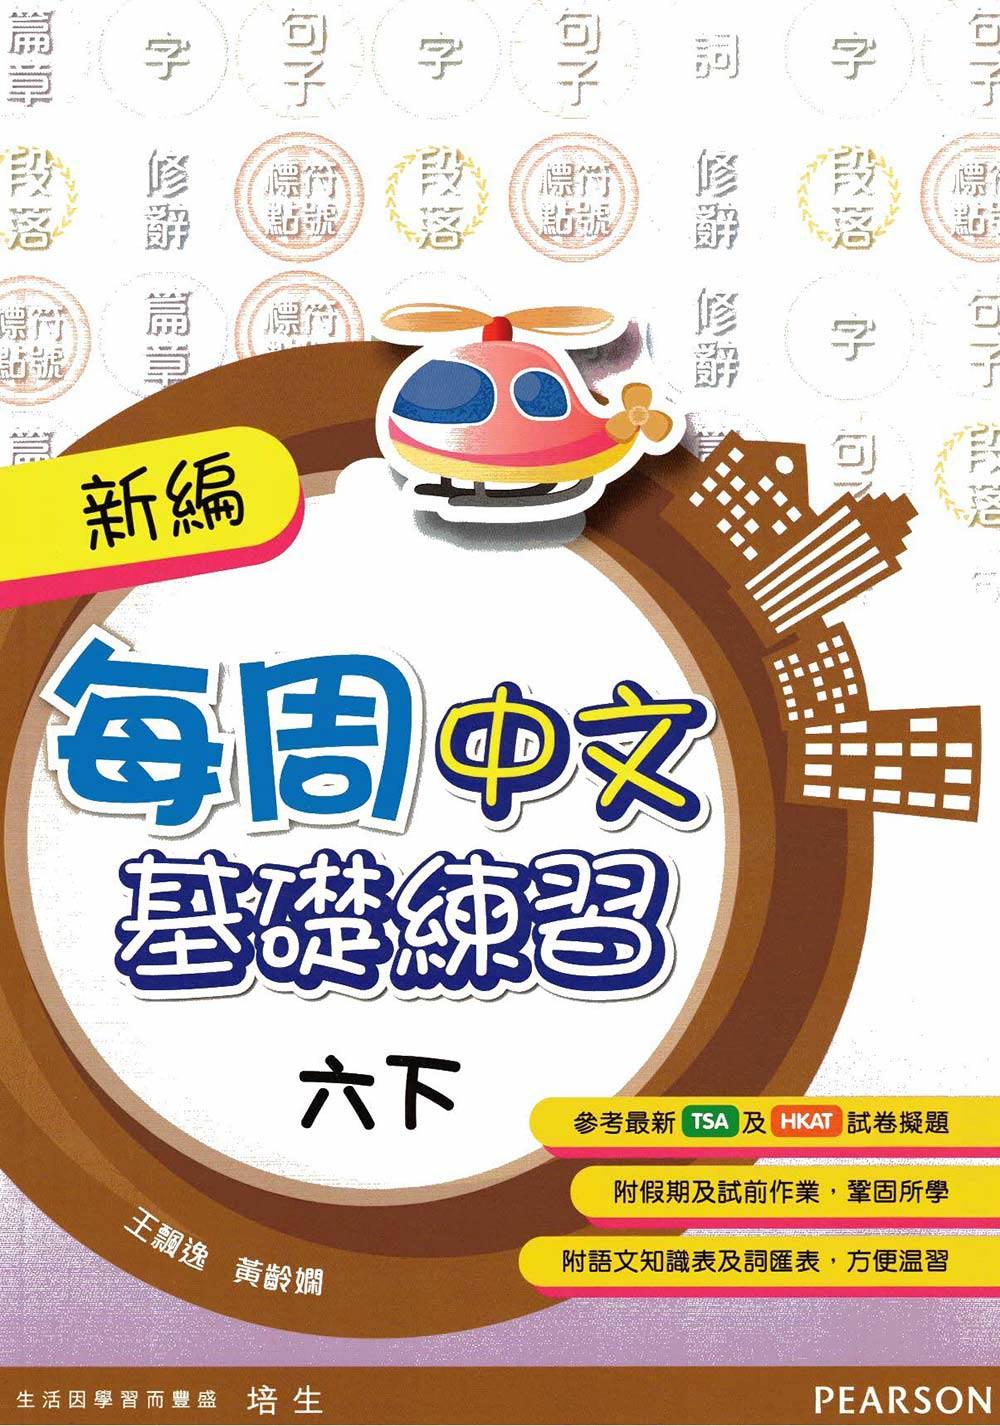 新編每週中文基礎練習六下